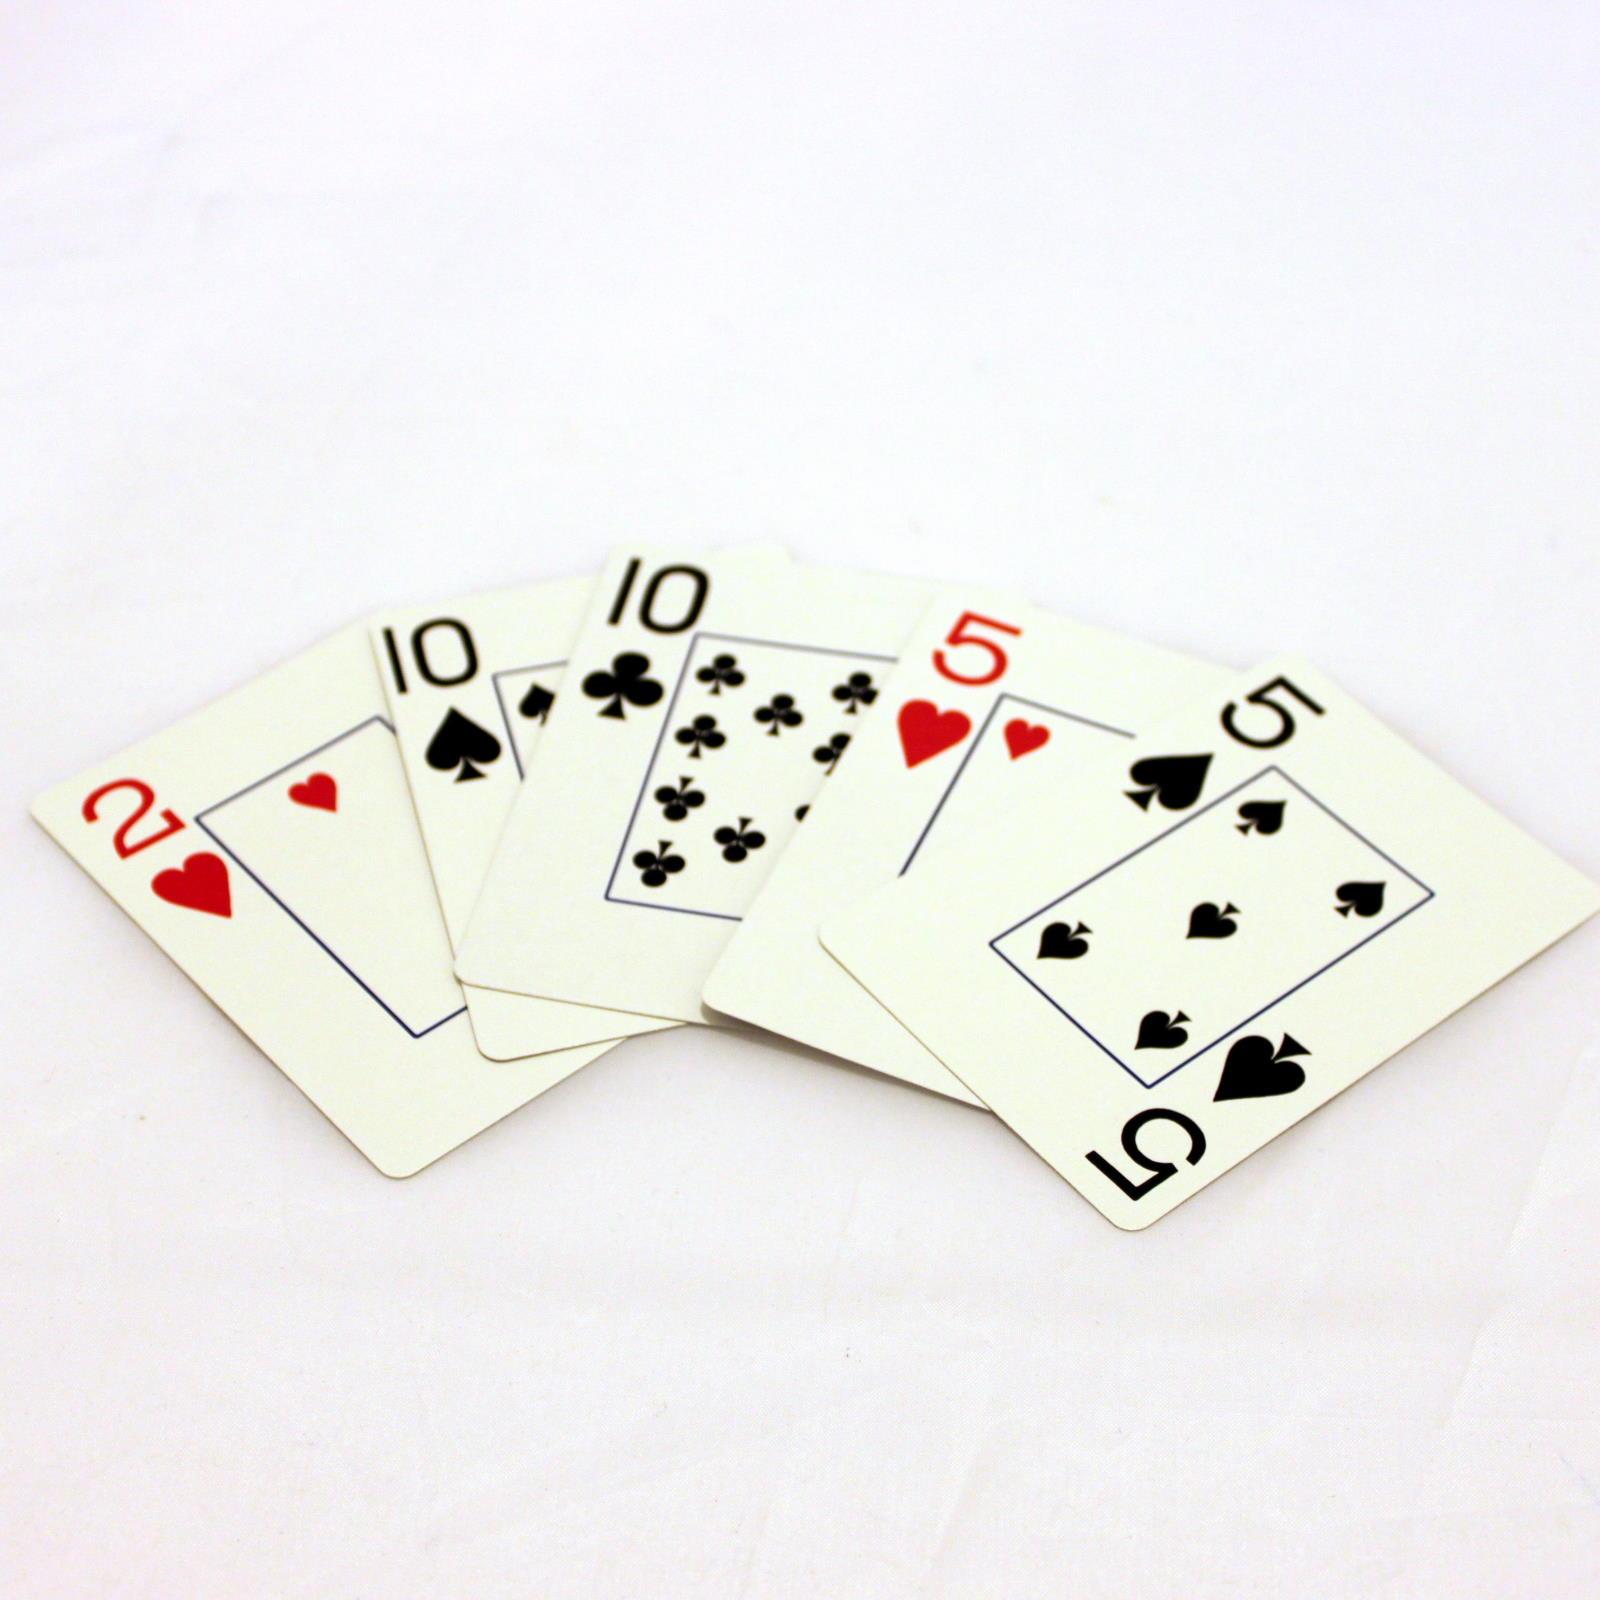 A Poker Story by Innovative Deceptions